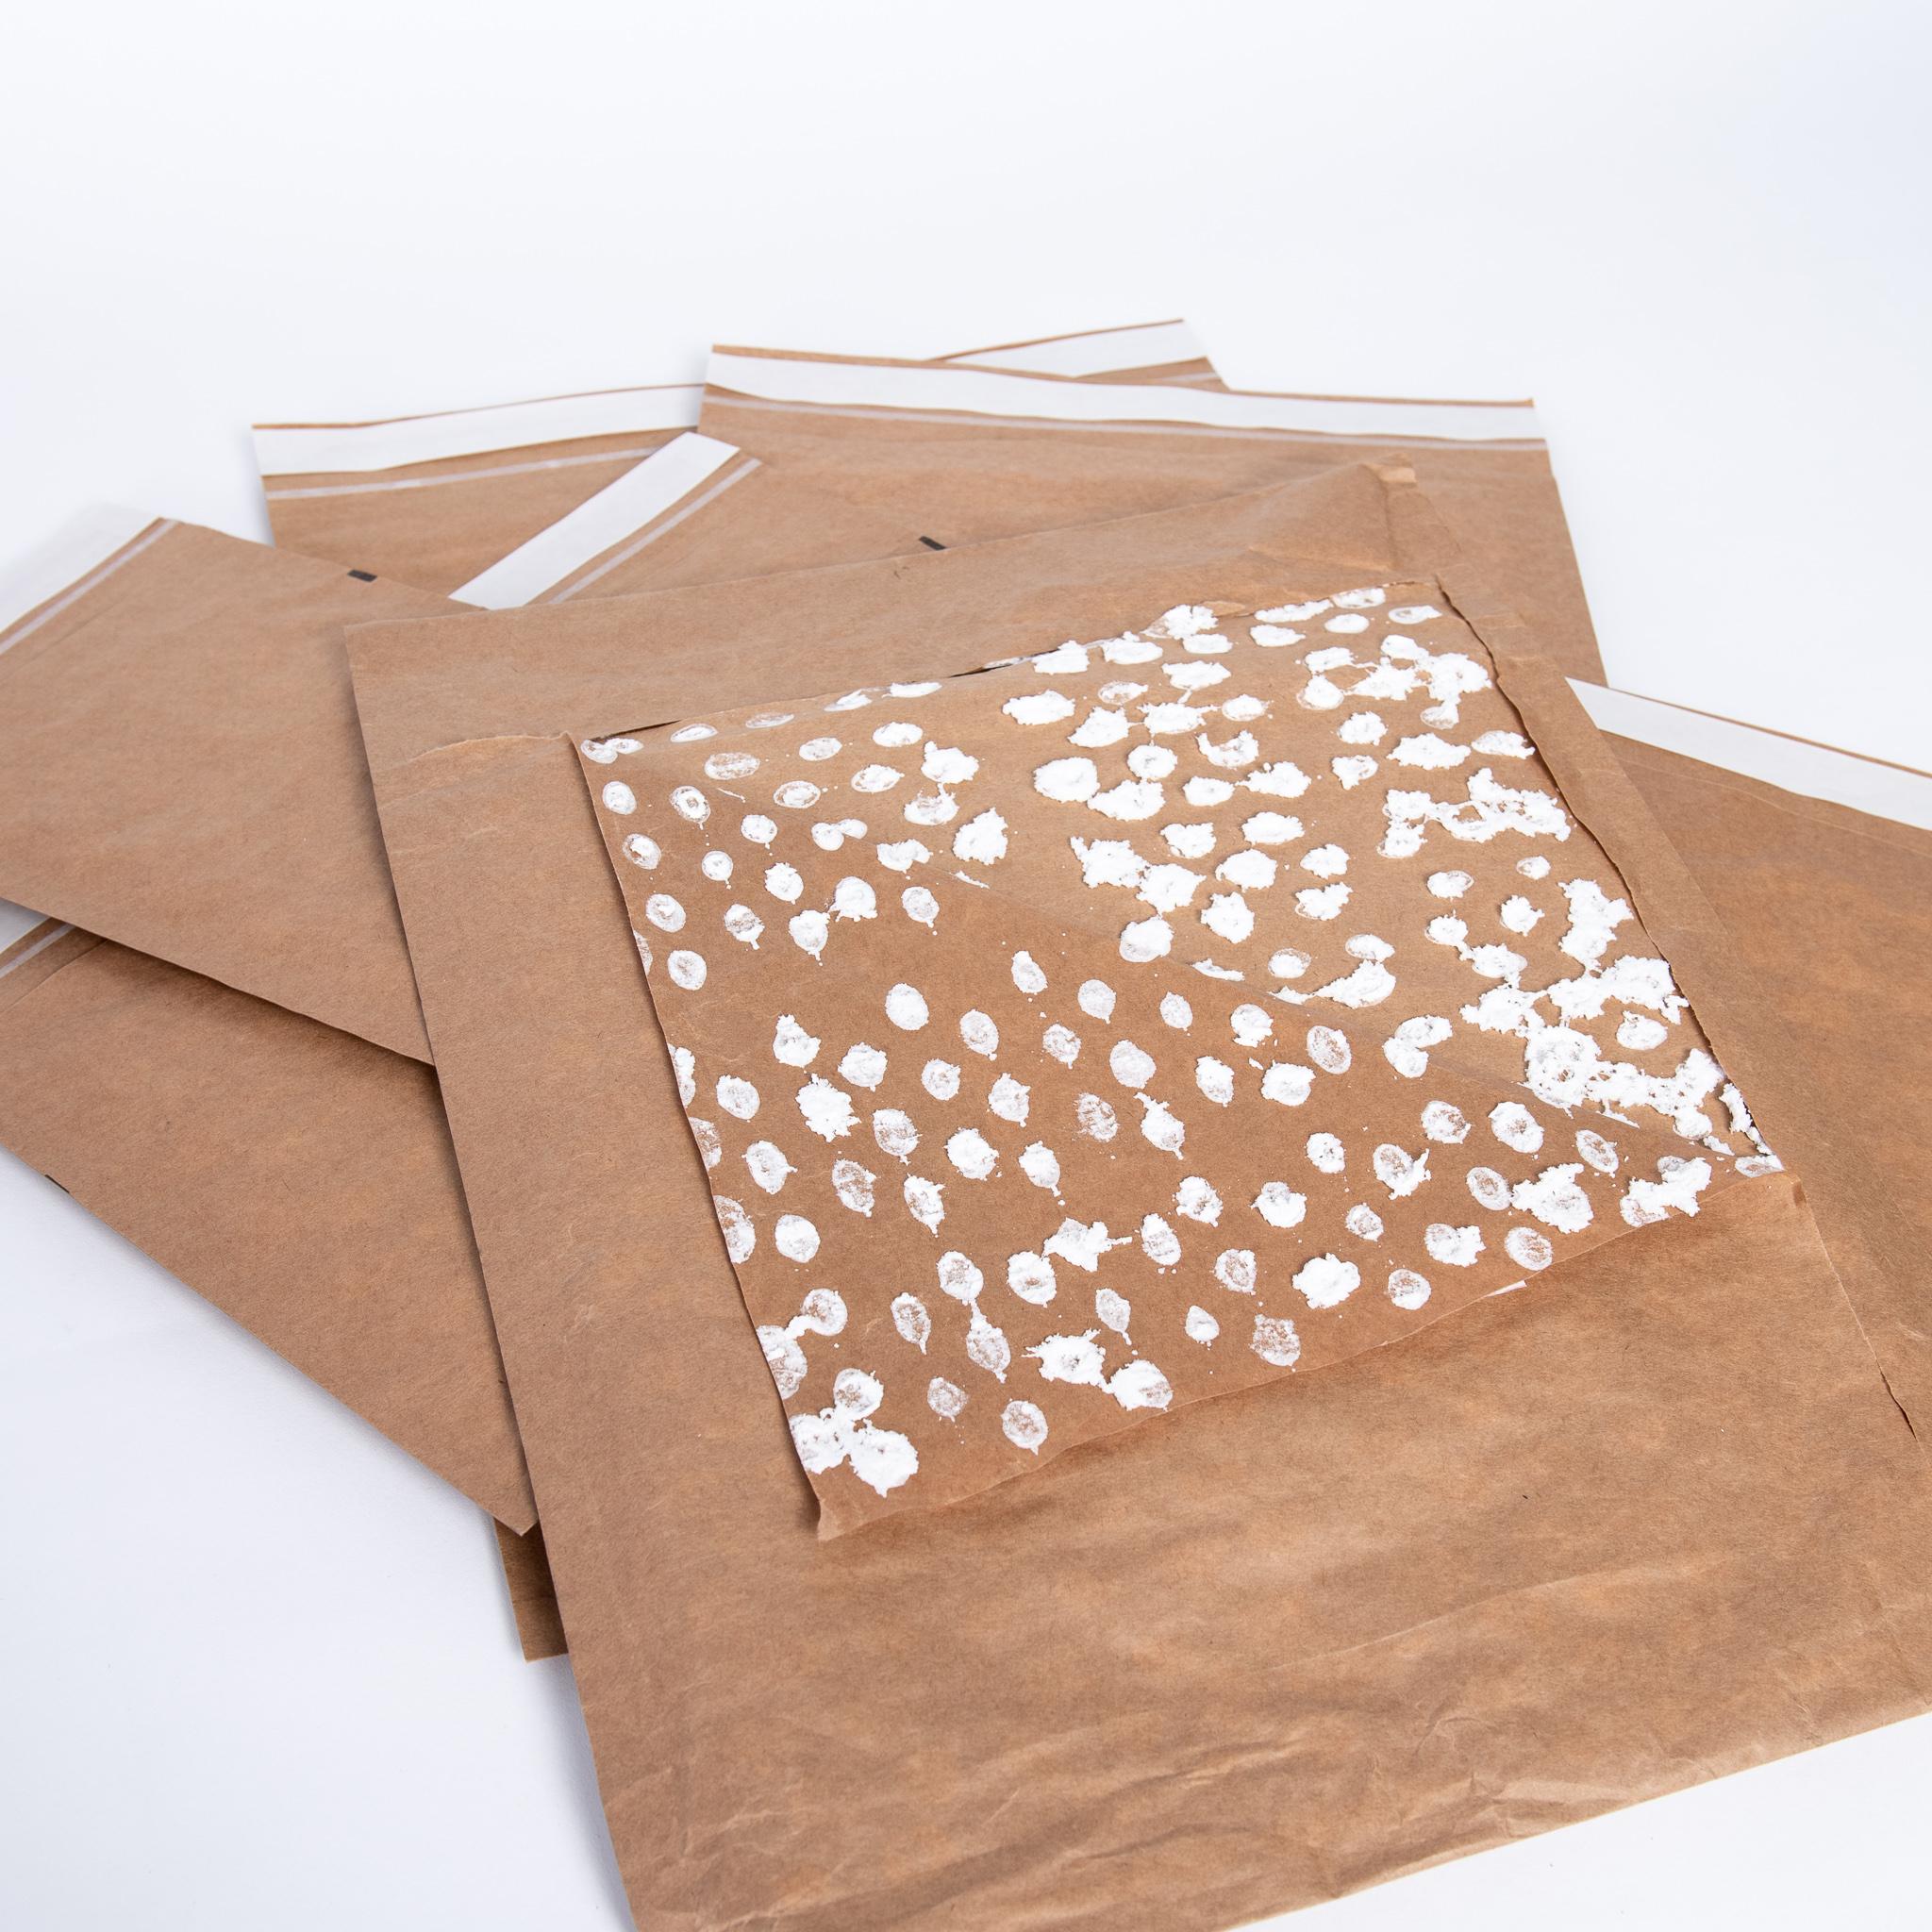 Padded Paper Mailer Envelopes